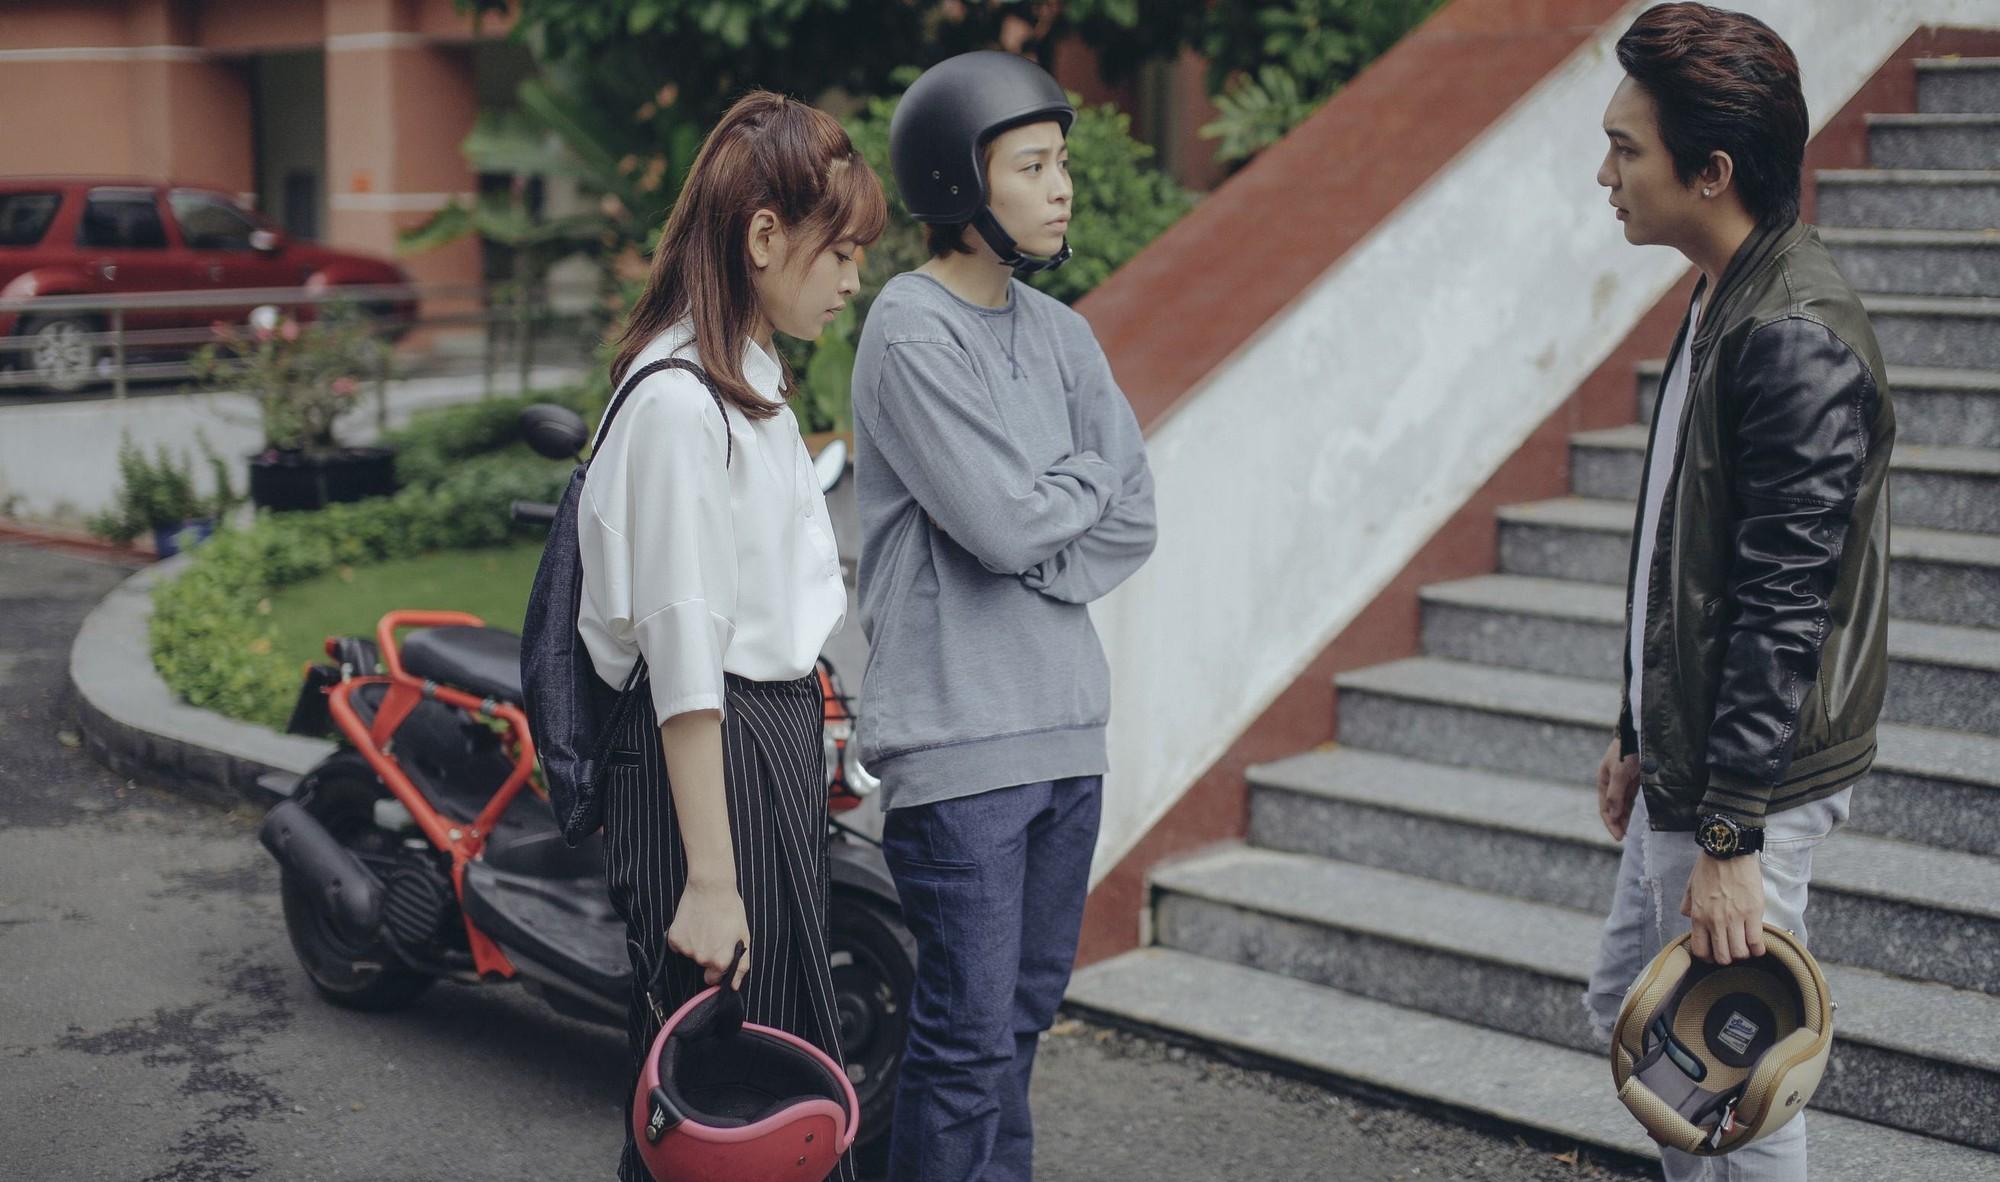 Công thức của một soái ca học đường phim Việt: Đâu phải cứ bảnh trai và giàu là có được trái tim người đẹp! - Ảnh 2.